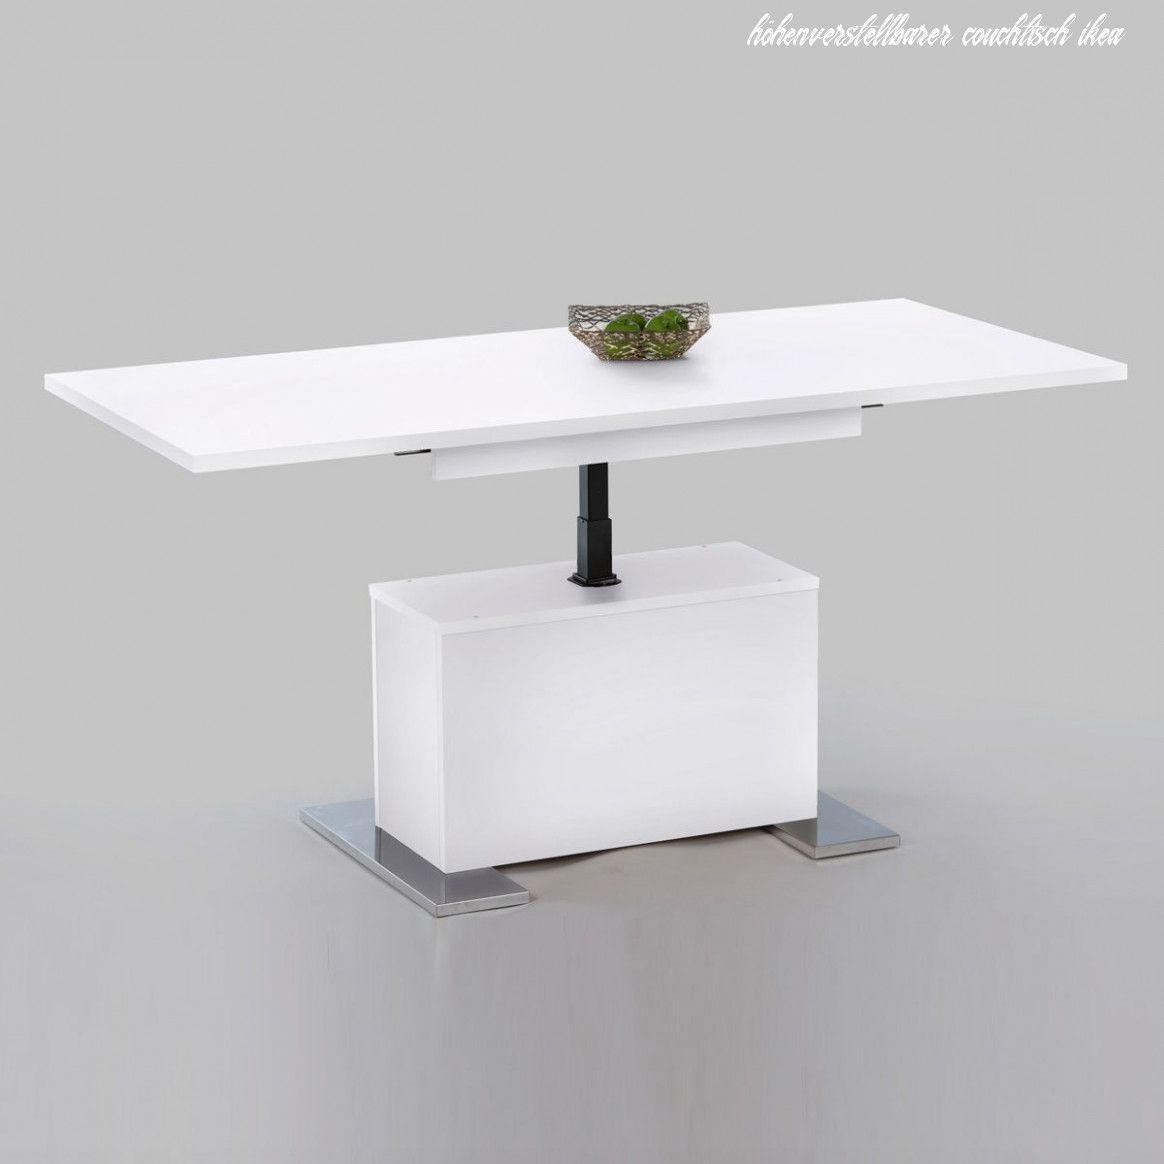 Sieben Einfache Regeln Der Hohenverstellbarer Couchtisch Ikea In 2020 Couchtisch Tisch Weiss Couchtisch Rund